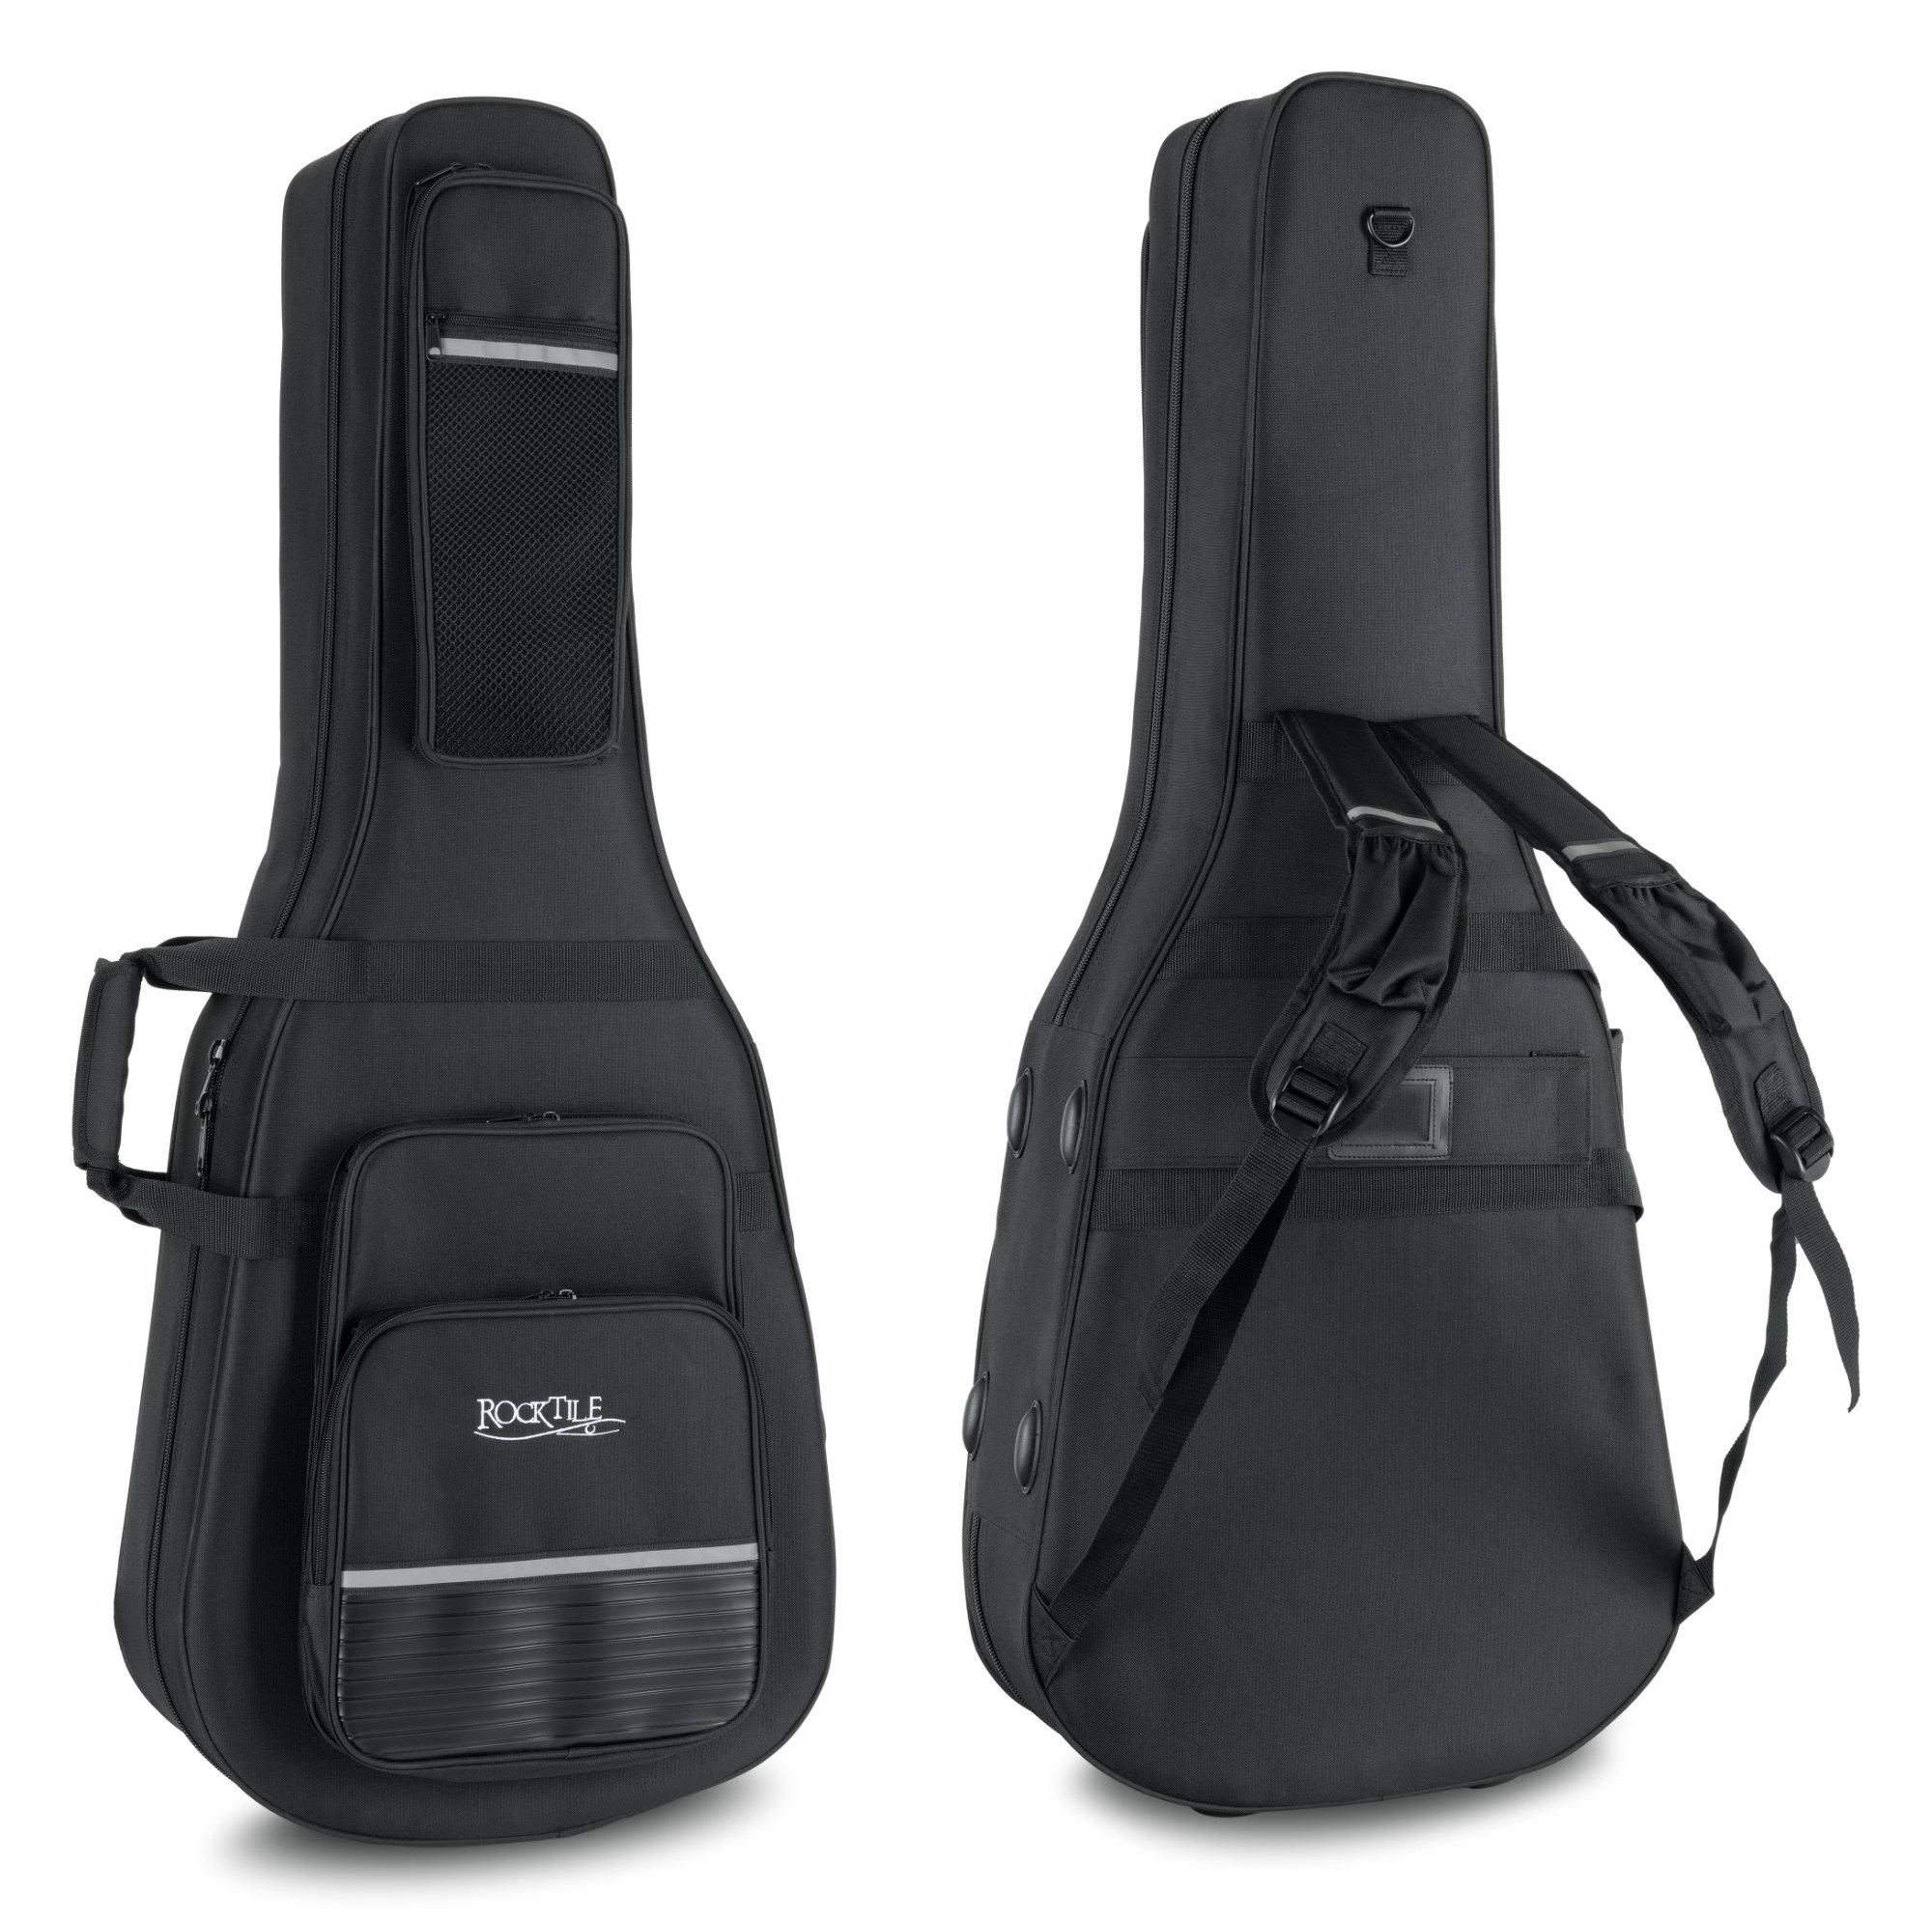 Zubehoergitarren - Rocktile Gitarrenleichtkoffer Konzertgitarre Retoure (Zustand sehr gut) - Onlineshop Musikhaus Kirstein